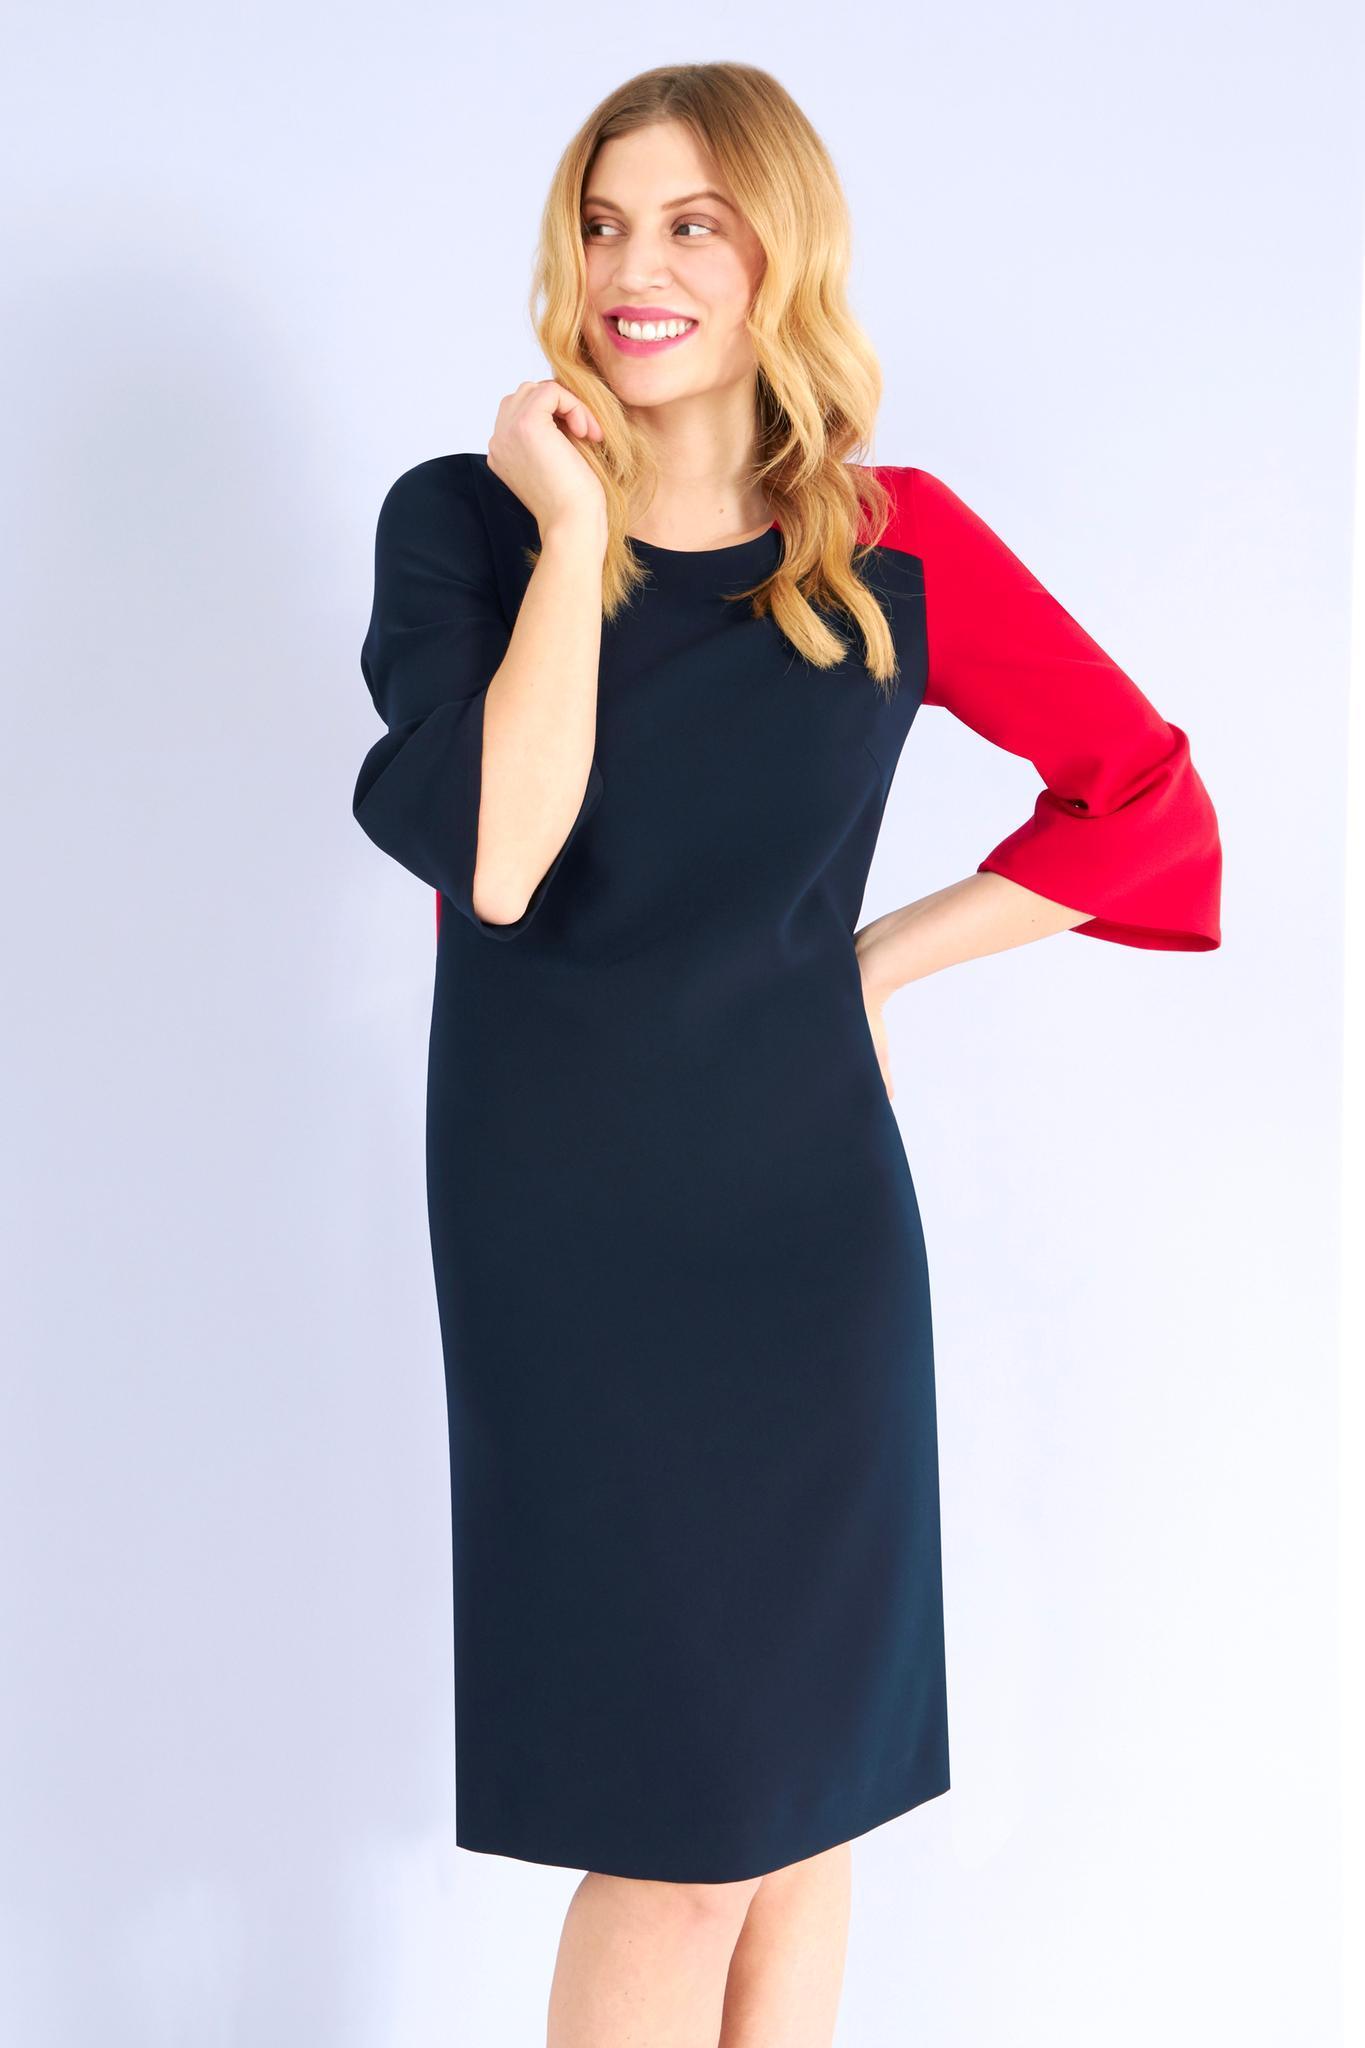 Kleid vonMaximfaro